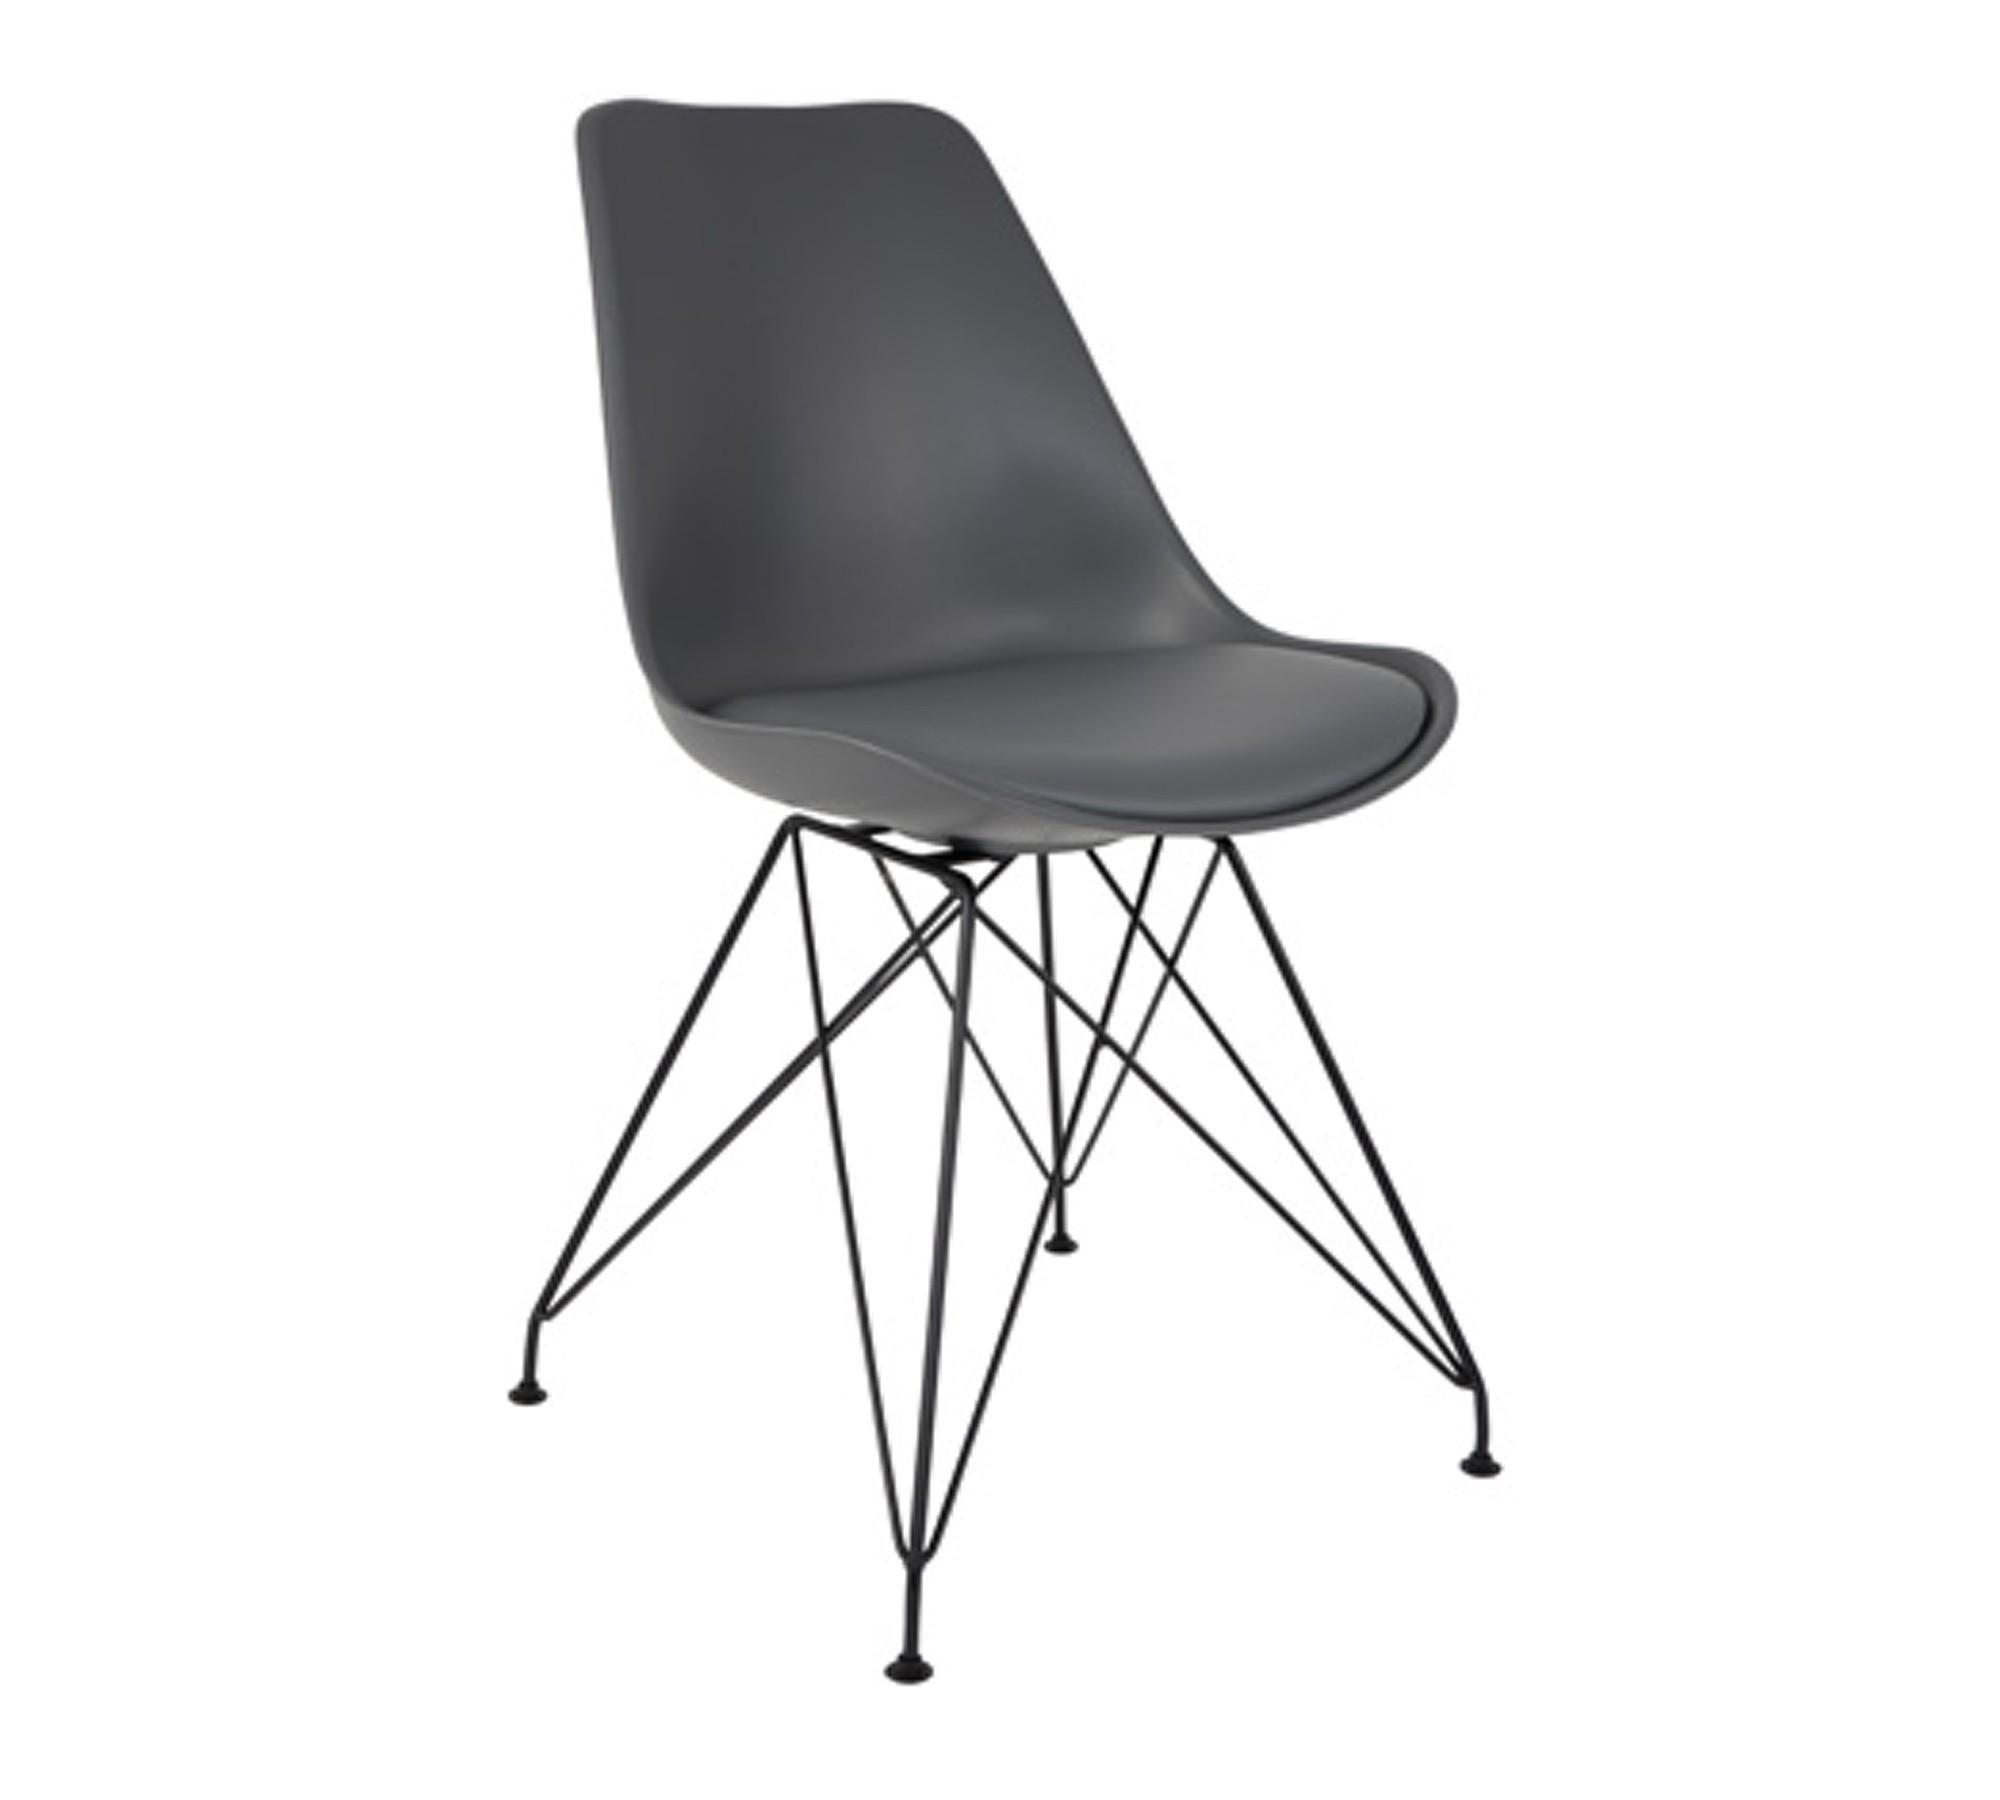 zuiver stuhl ozzy grau mit metallgestell im 2er set 10008302. Black Bedroom Furniture Sets. Home Design Ideas